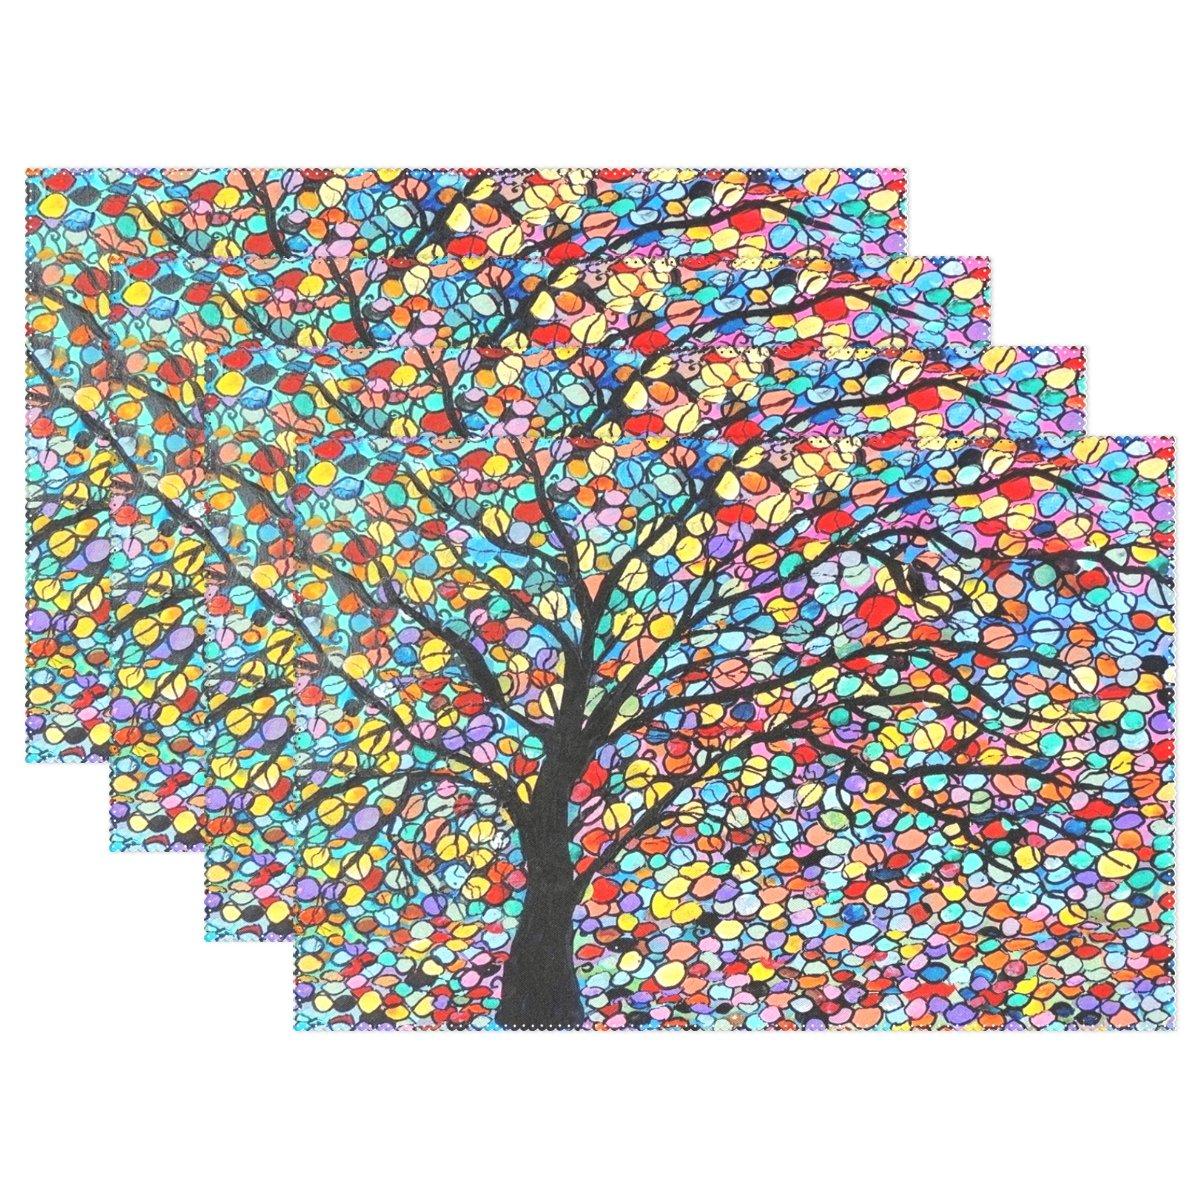 yochoice Art Oil Painting Colorful Tree of Life Nature Treesプレースマットプレートホルダーのセット1、スタイリッシュなポリエステルテーブルの配置マットプロテクターキッチンダイニングルーム12